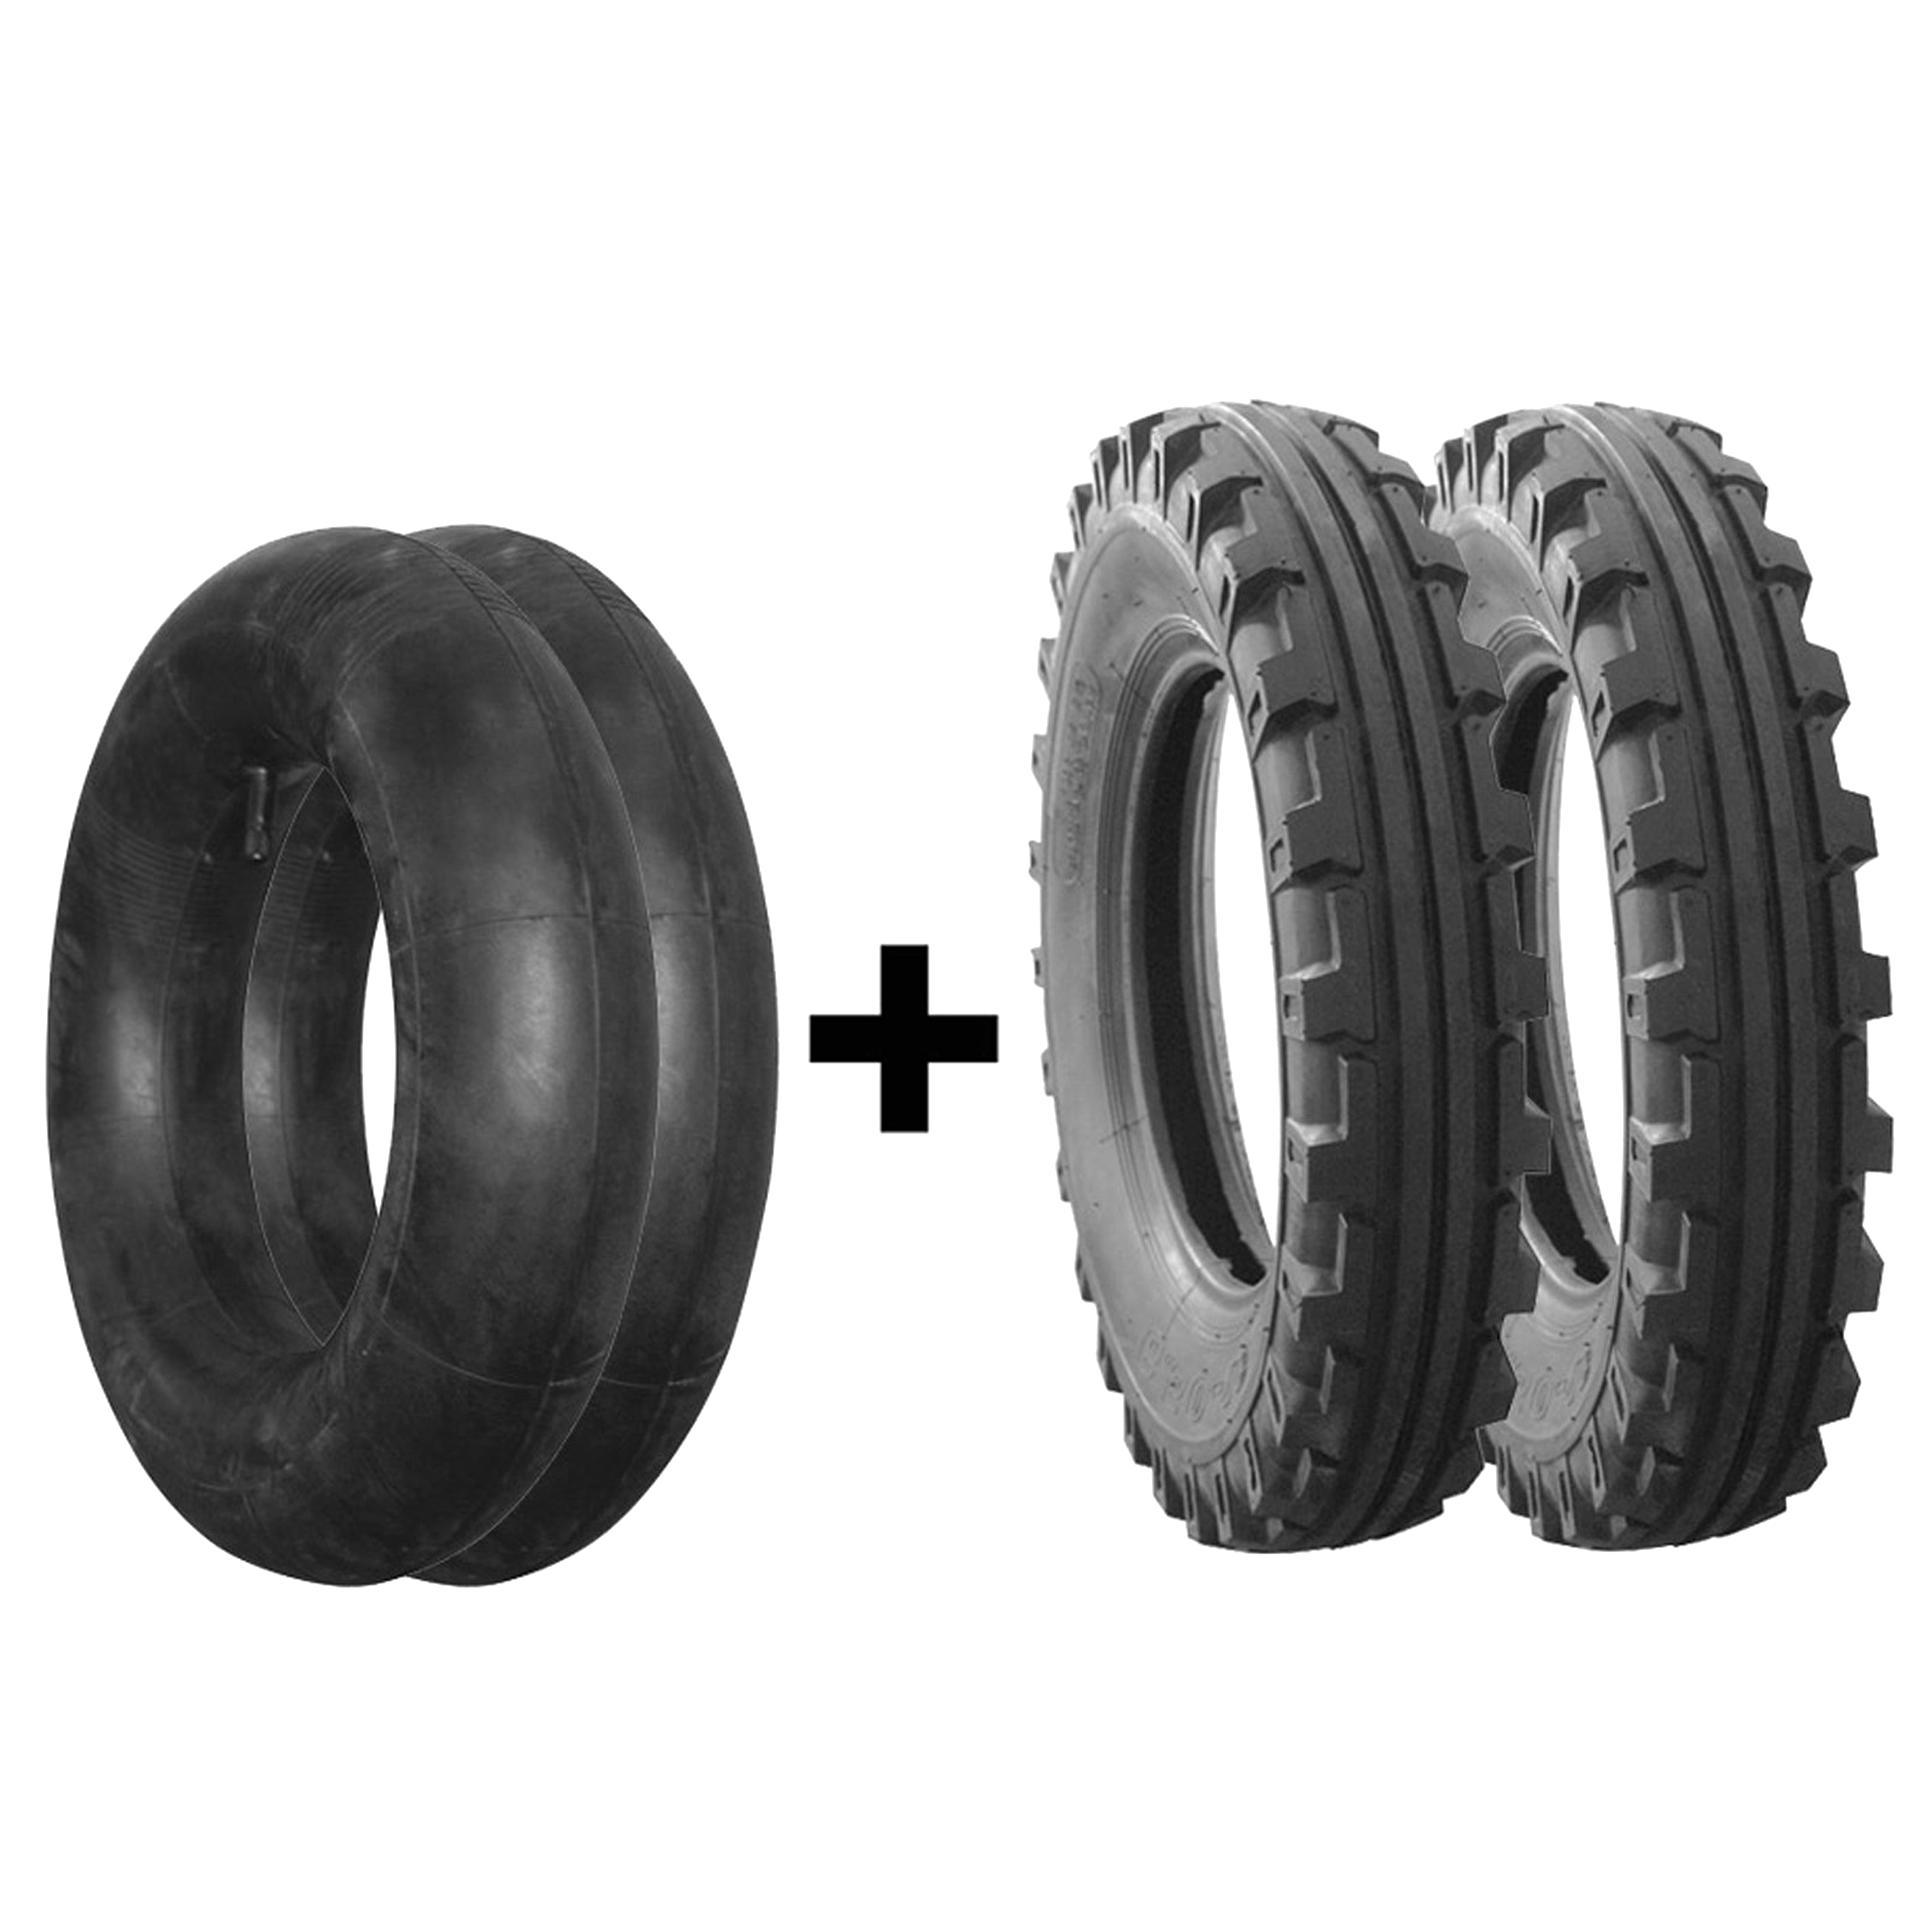 7.00-20 TR15 Gummiventil 7.50-20 Luftschlauch für Reifen 2 Stück